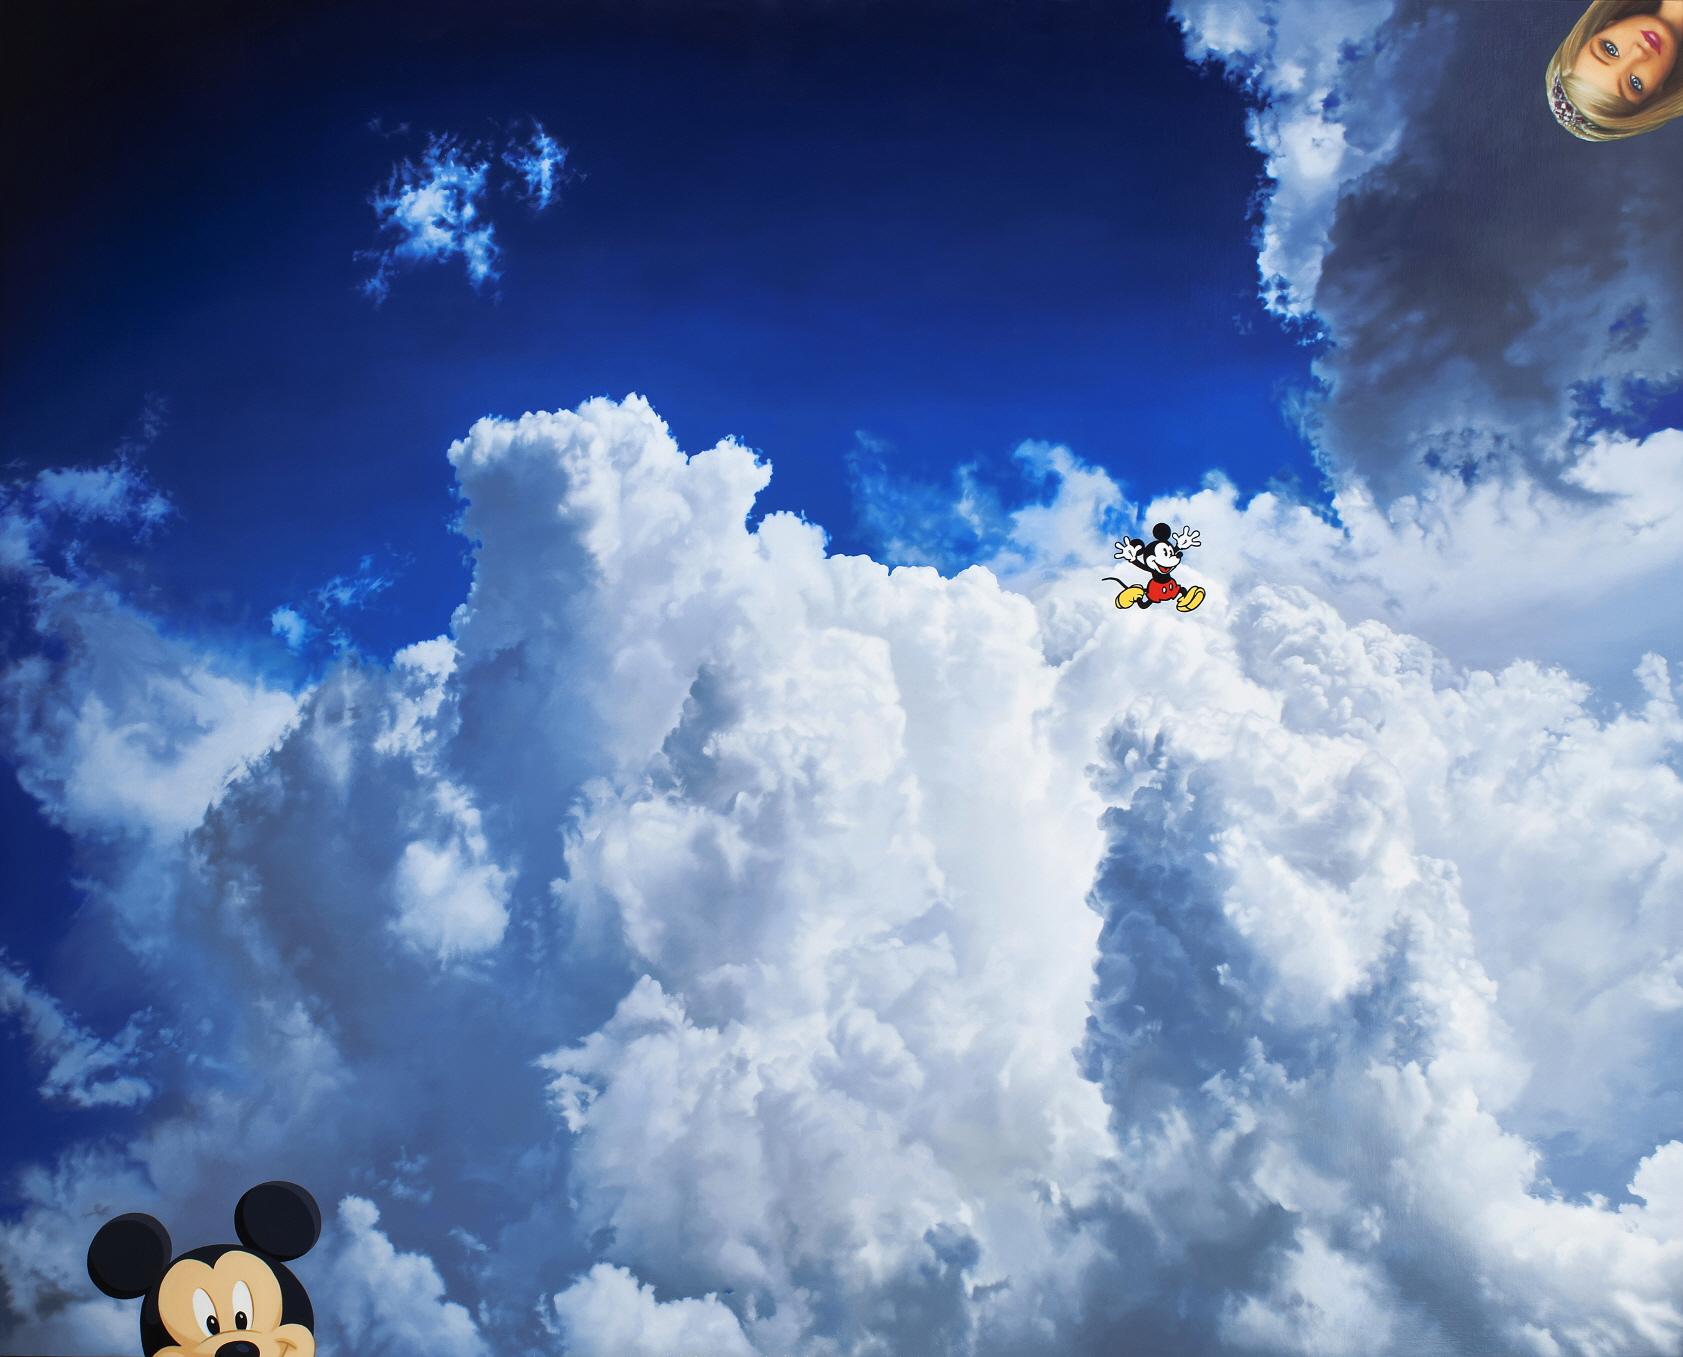 Neverland Sky9